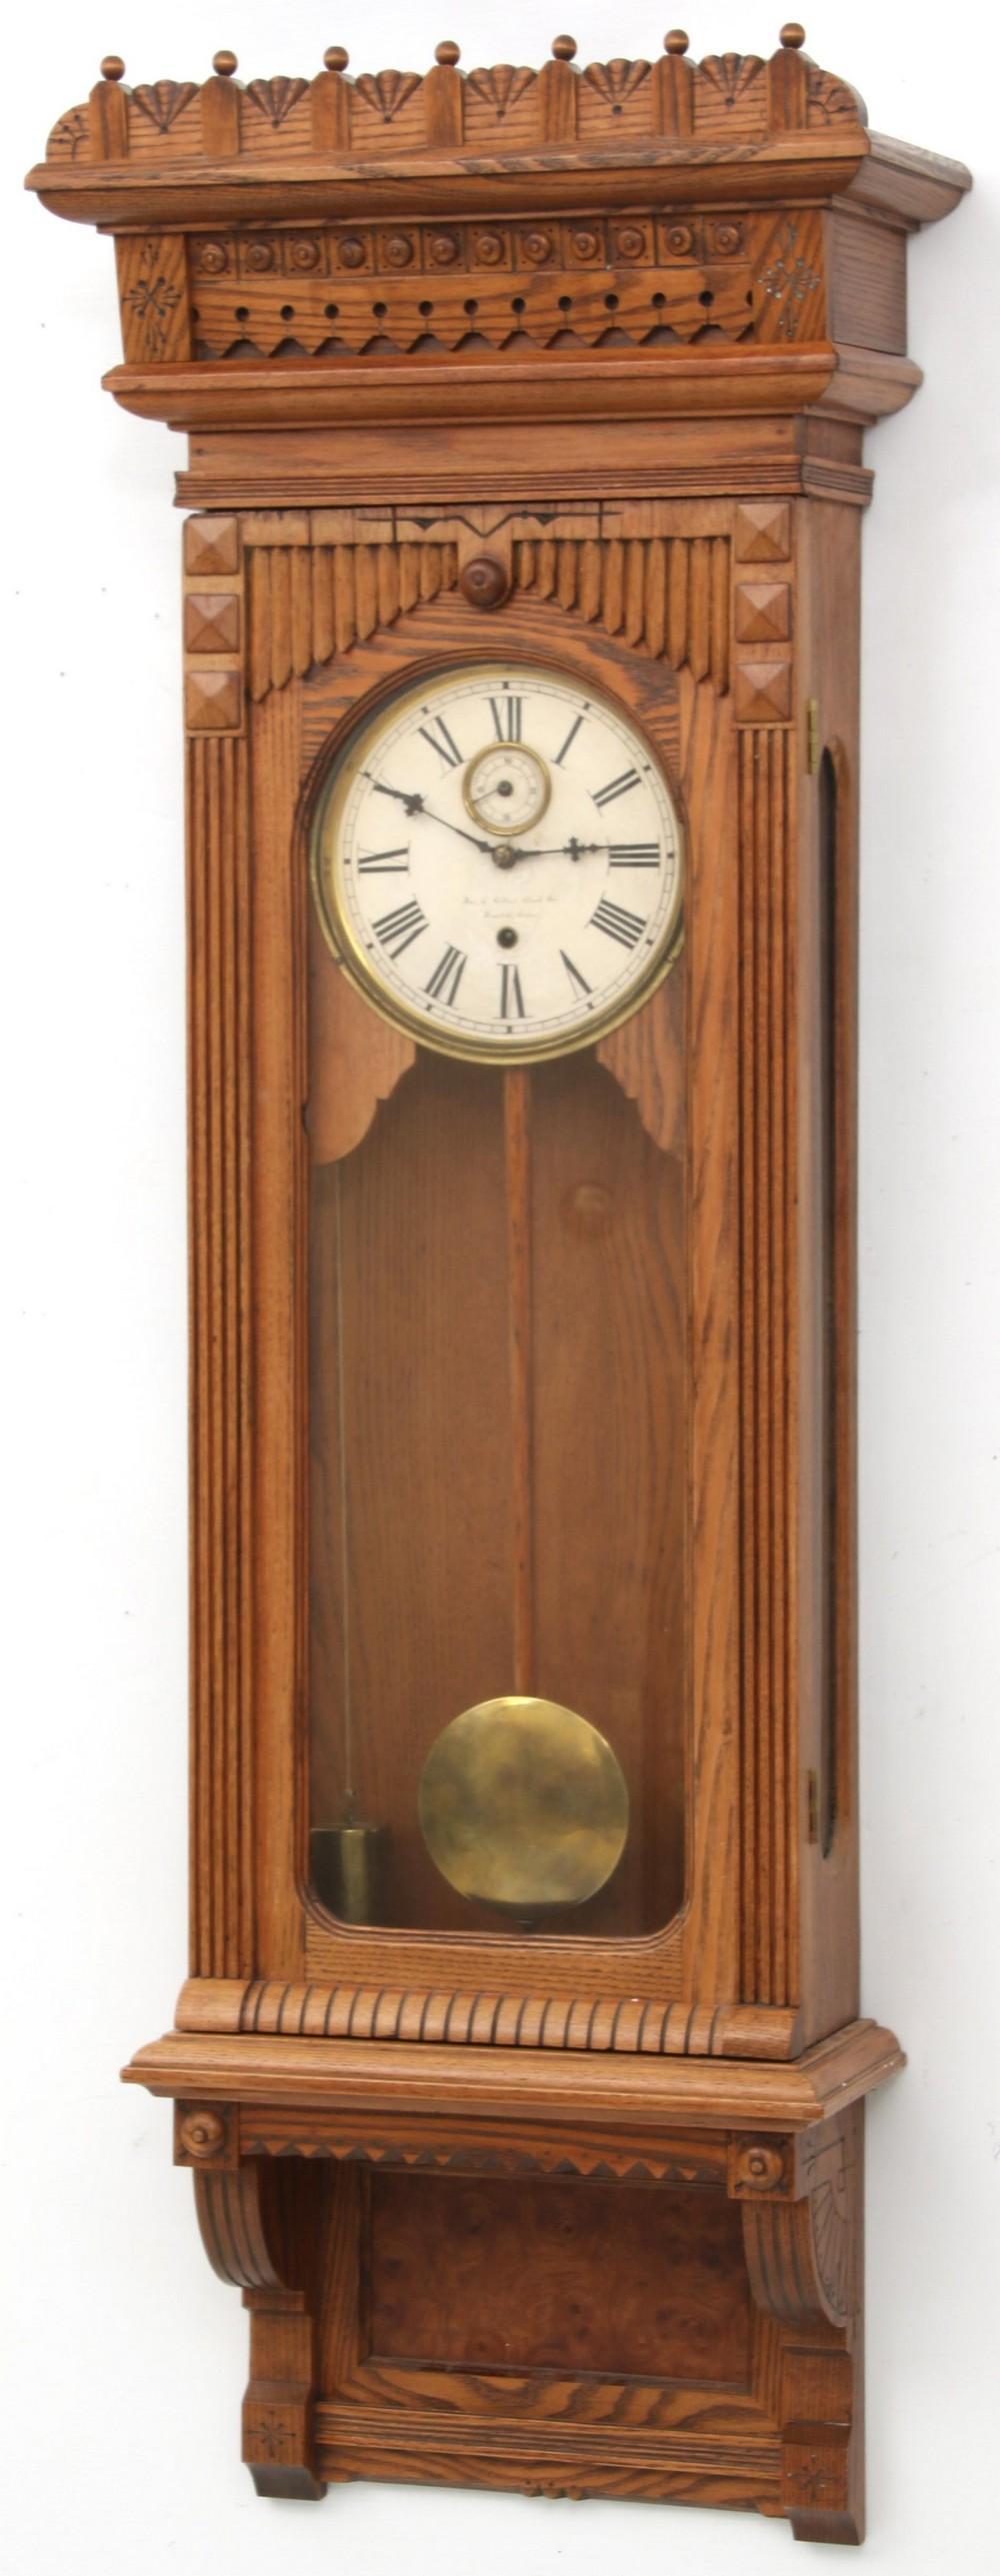 Gilbert No. 11 Wall Hanging Clock